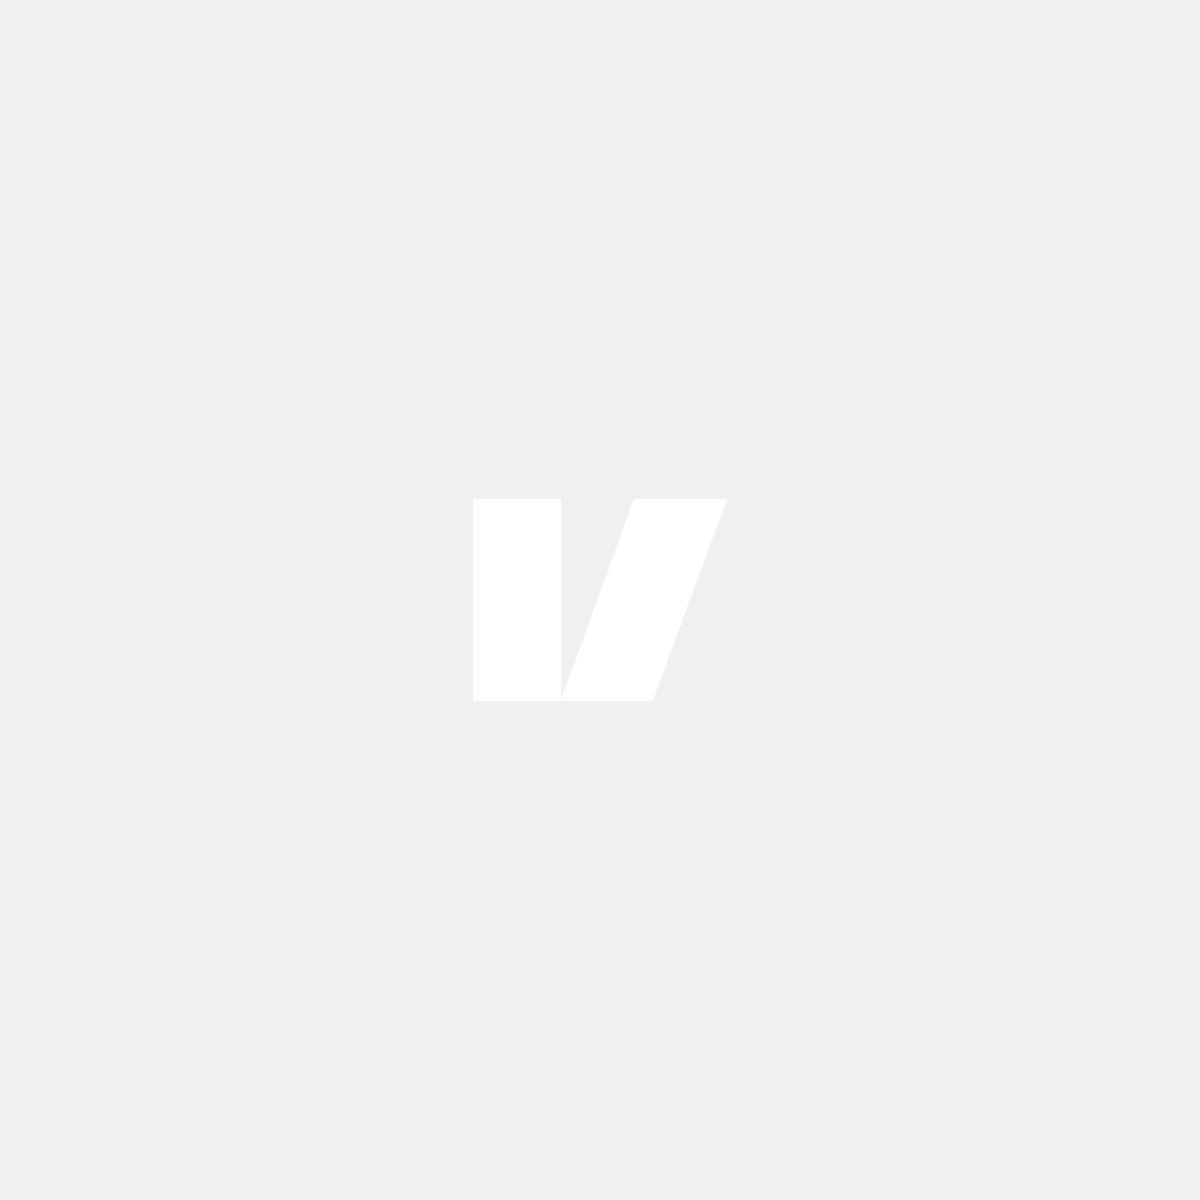 H&R sänkningsfjädersats 35mm, till Volvo S60 00-09